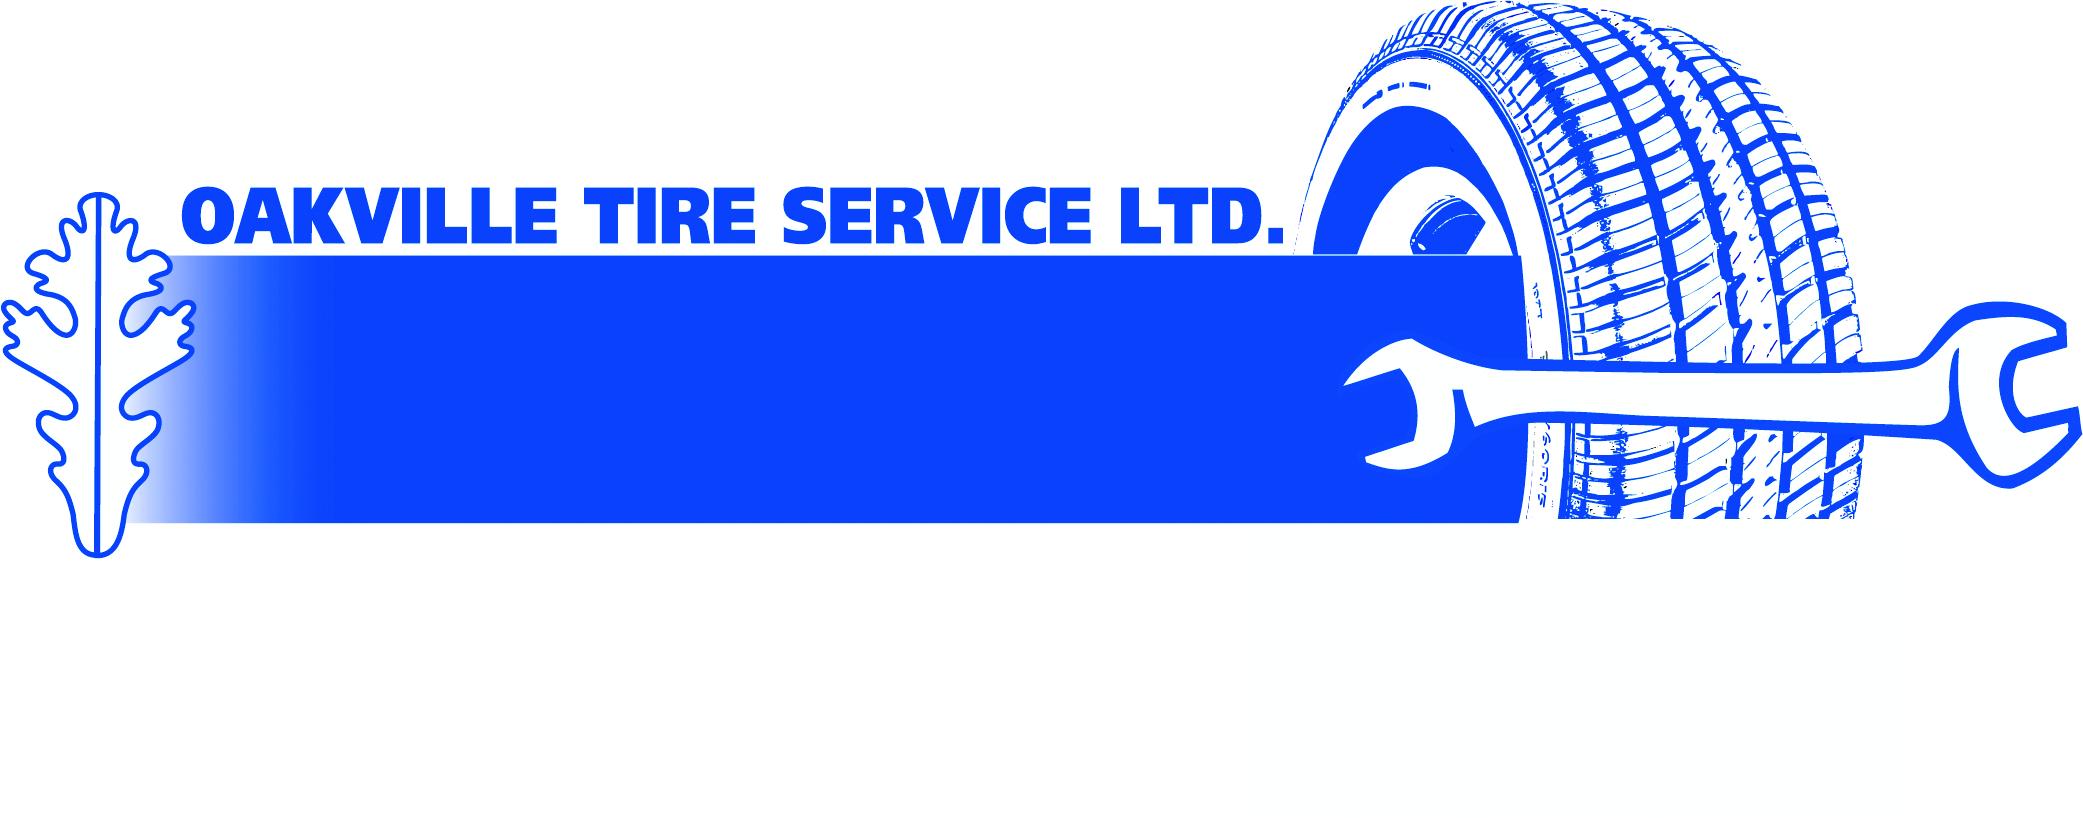 Oak Tire logo for website.jpg